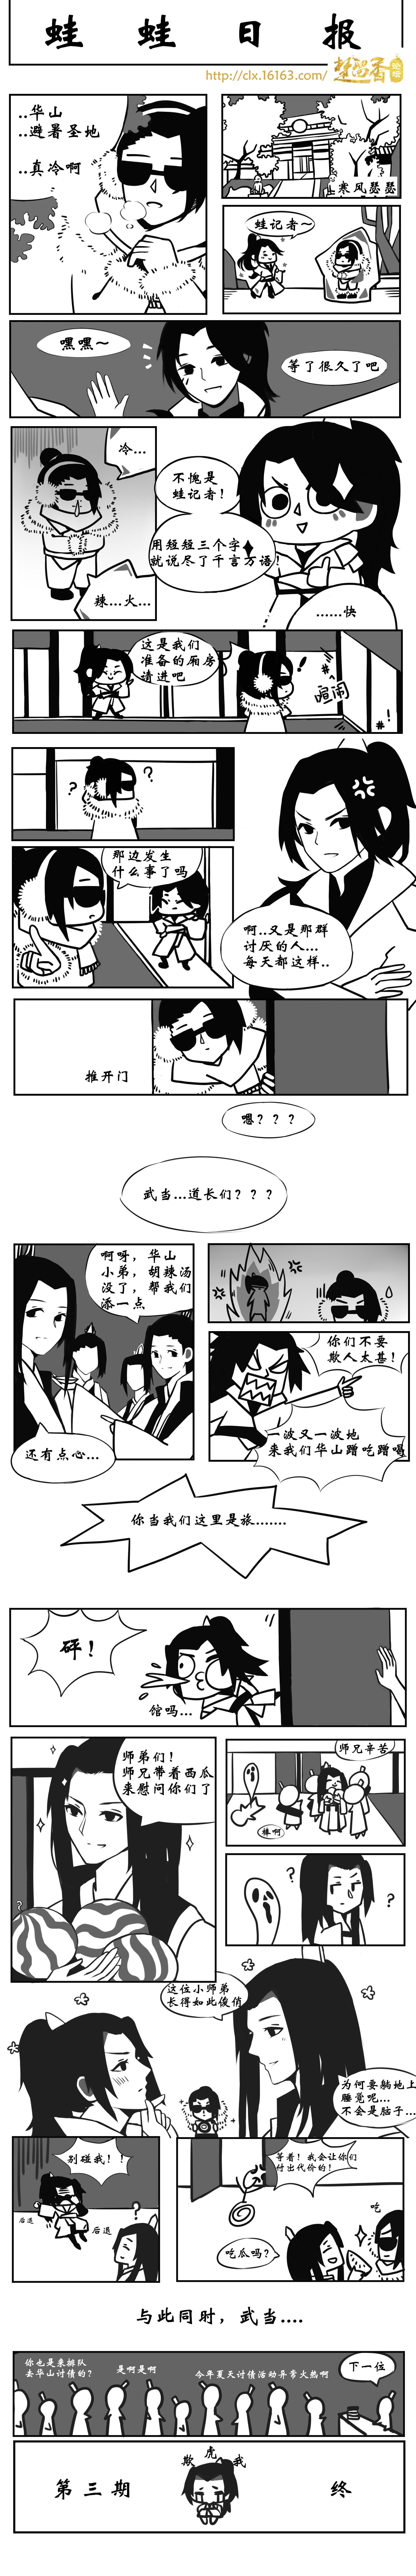 【江湖笔墨客】《蛙蛙日报》第三期:都说华山避暑好